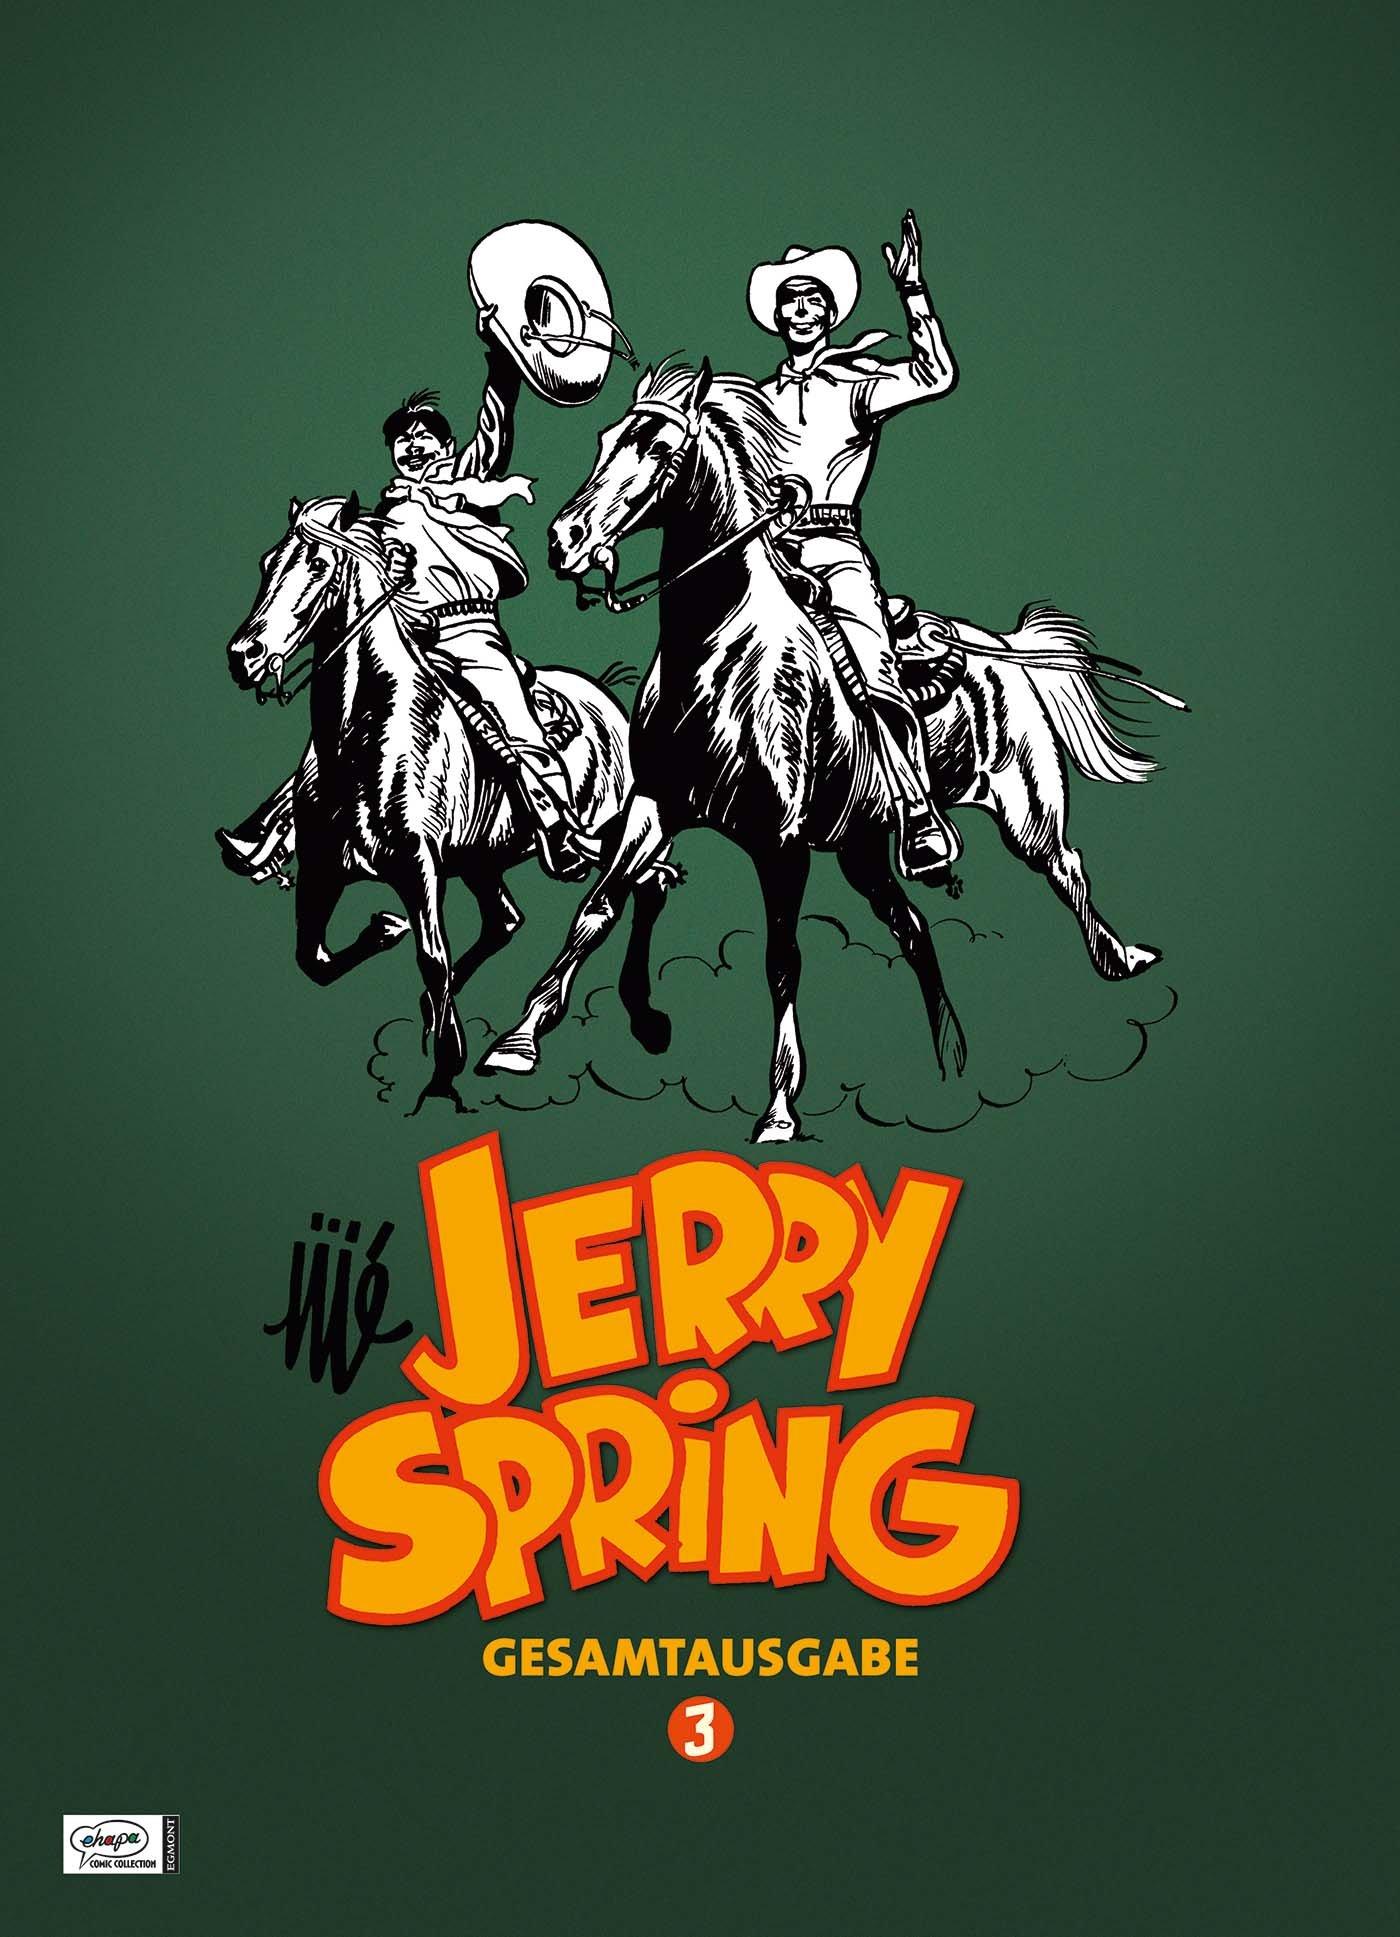 Jerry Spring Gesamtausgabe 03